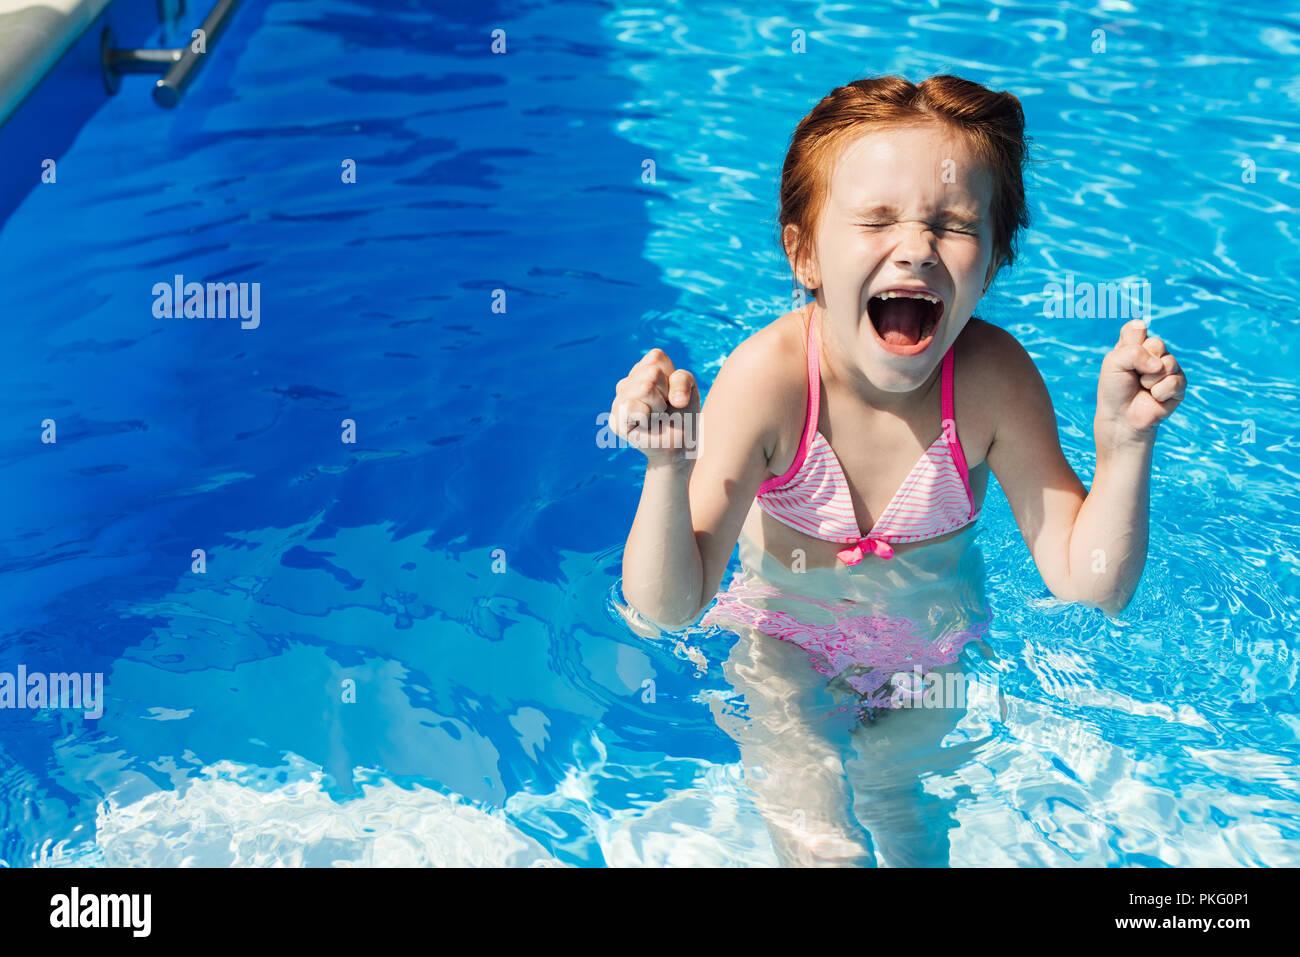 screaming little child in bikini in swimming pool - Stock Image